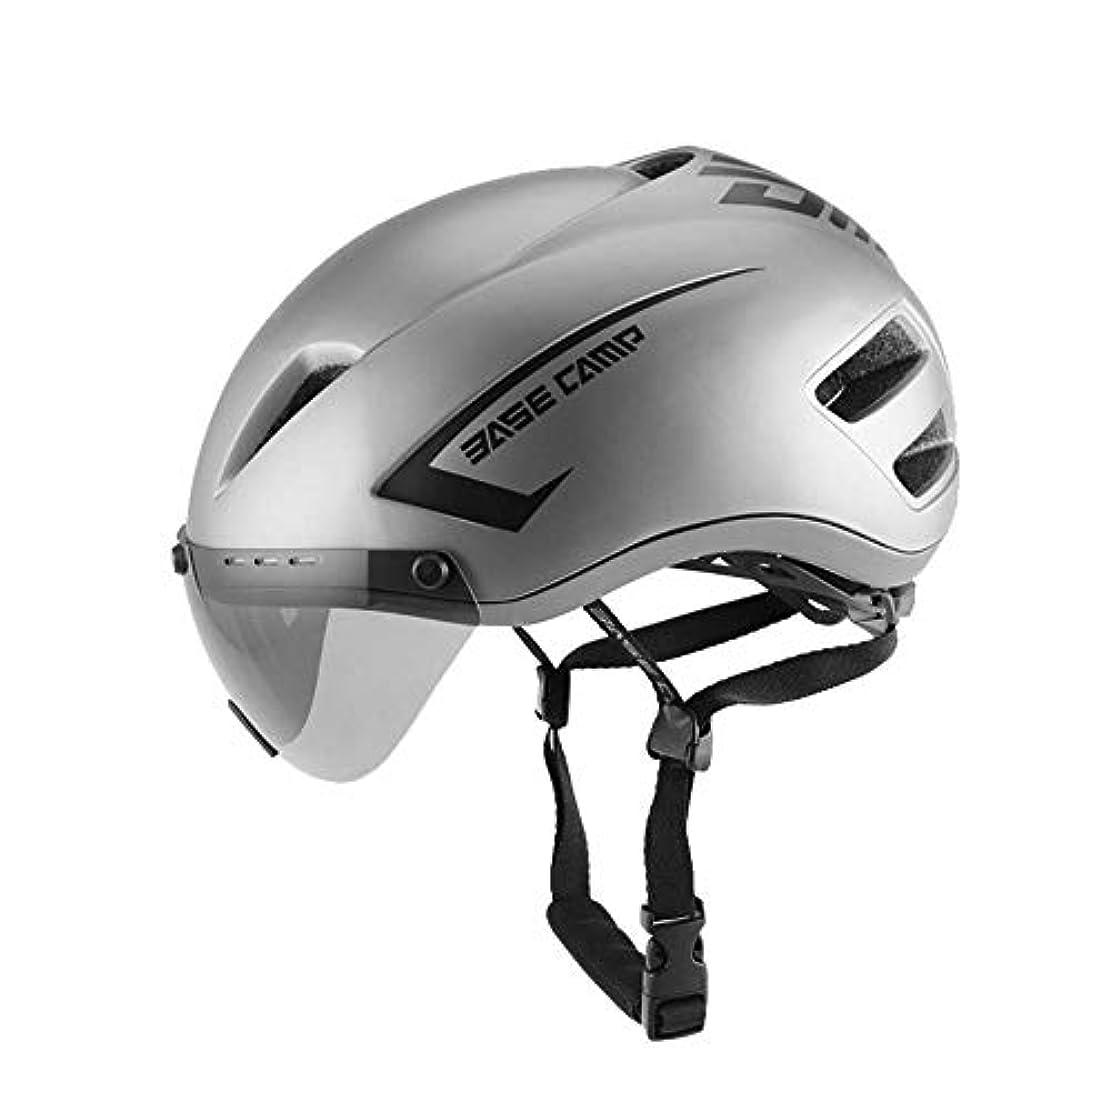 たっぷり戻す濃度屋外乗馬ヘルメット、磁気自転車ヘルメット、マウンテンバイクロードバイク乗馬男性と女性57